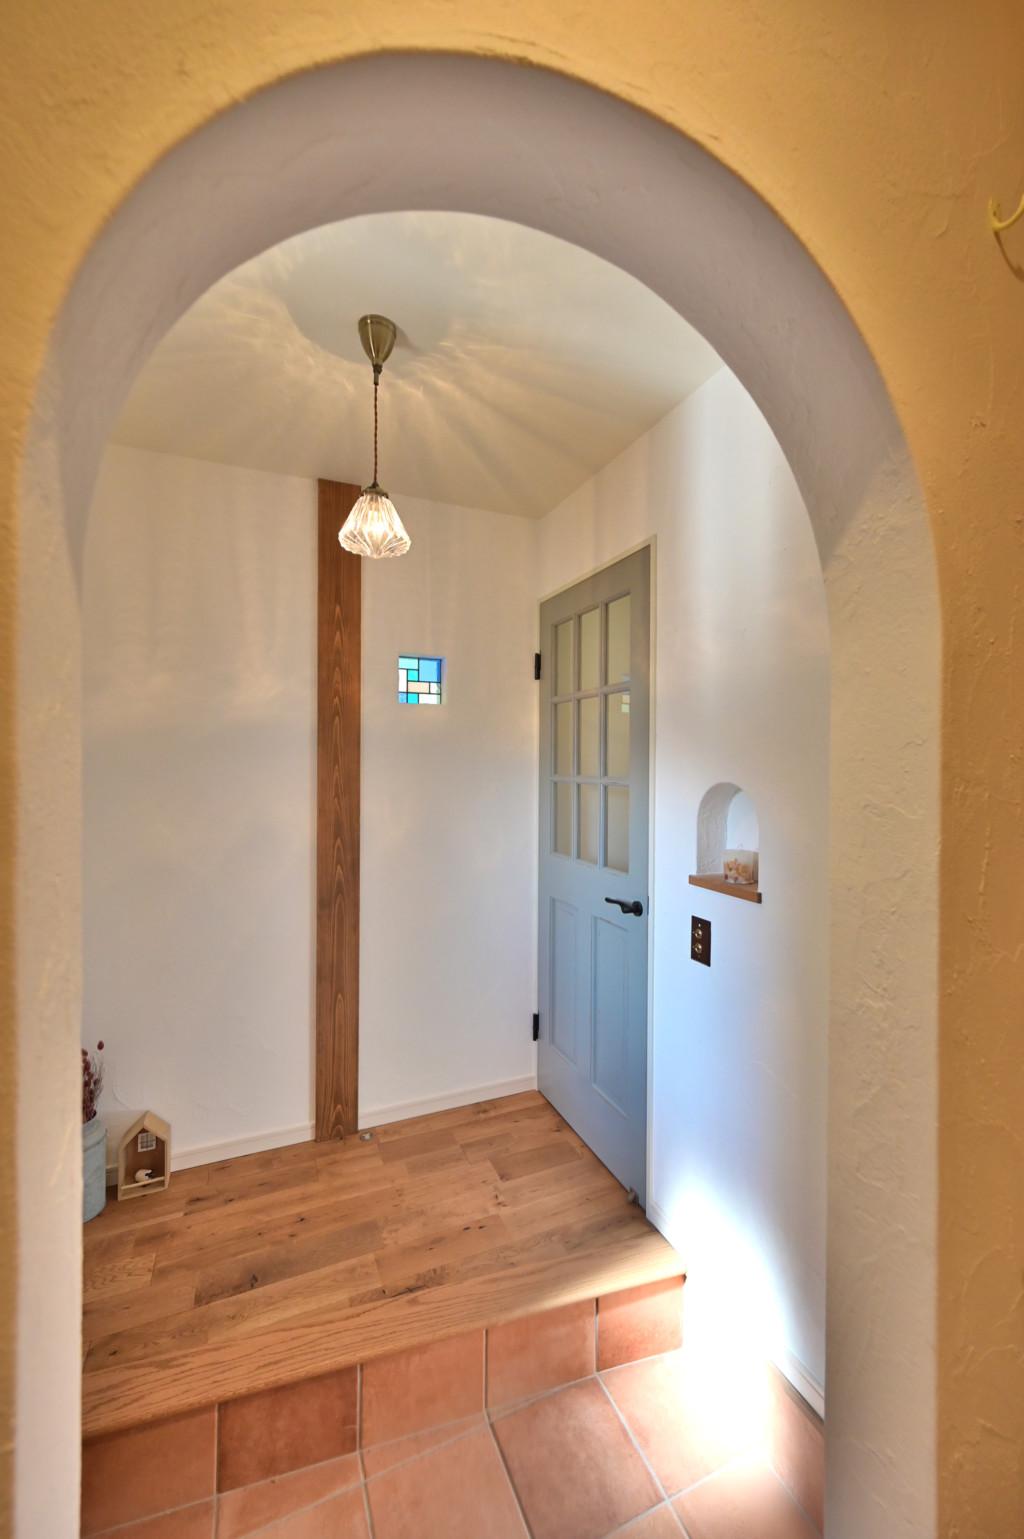 ロフトがあるオシャレなデザインの家の玄関ホール写真